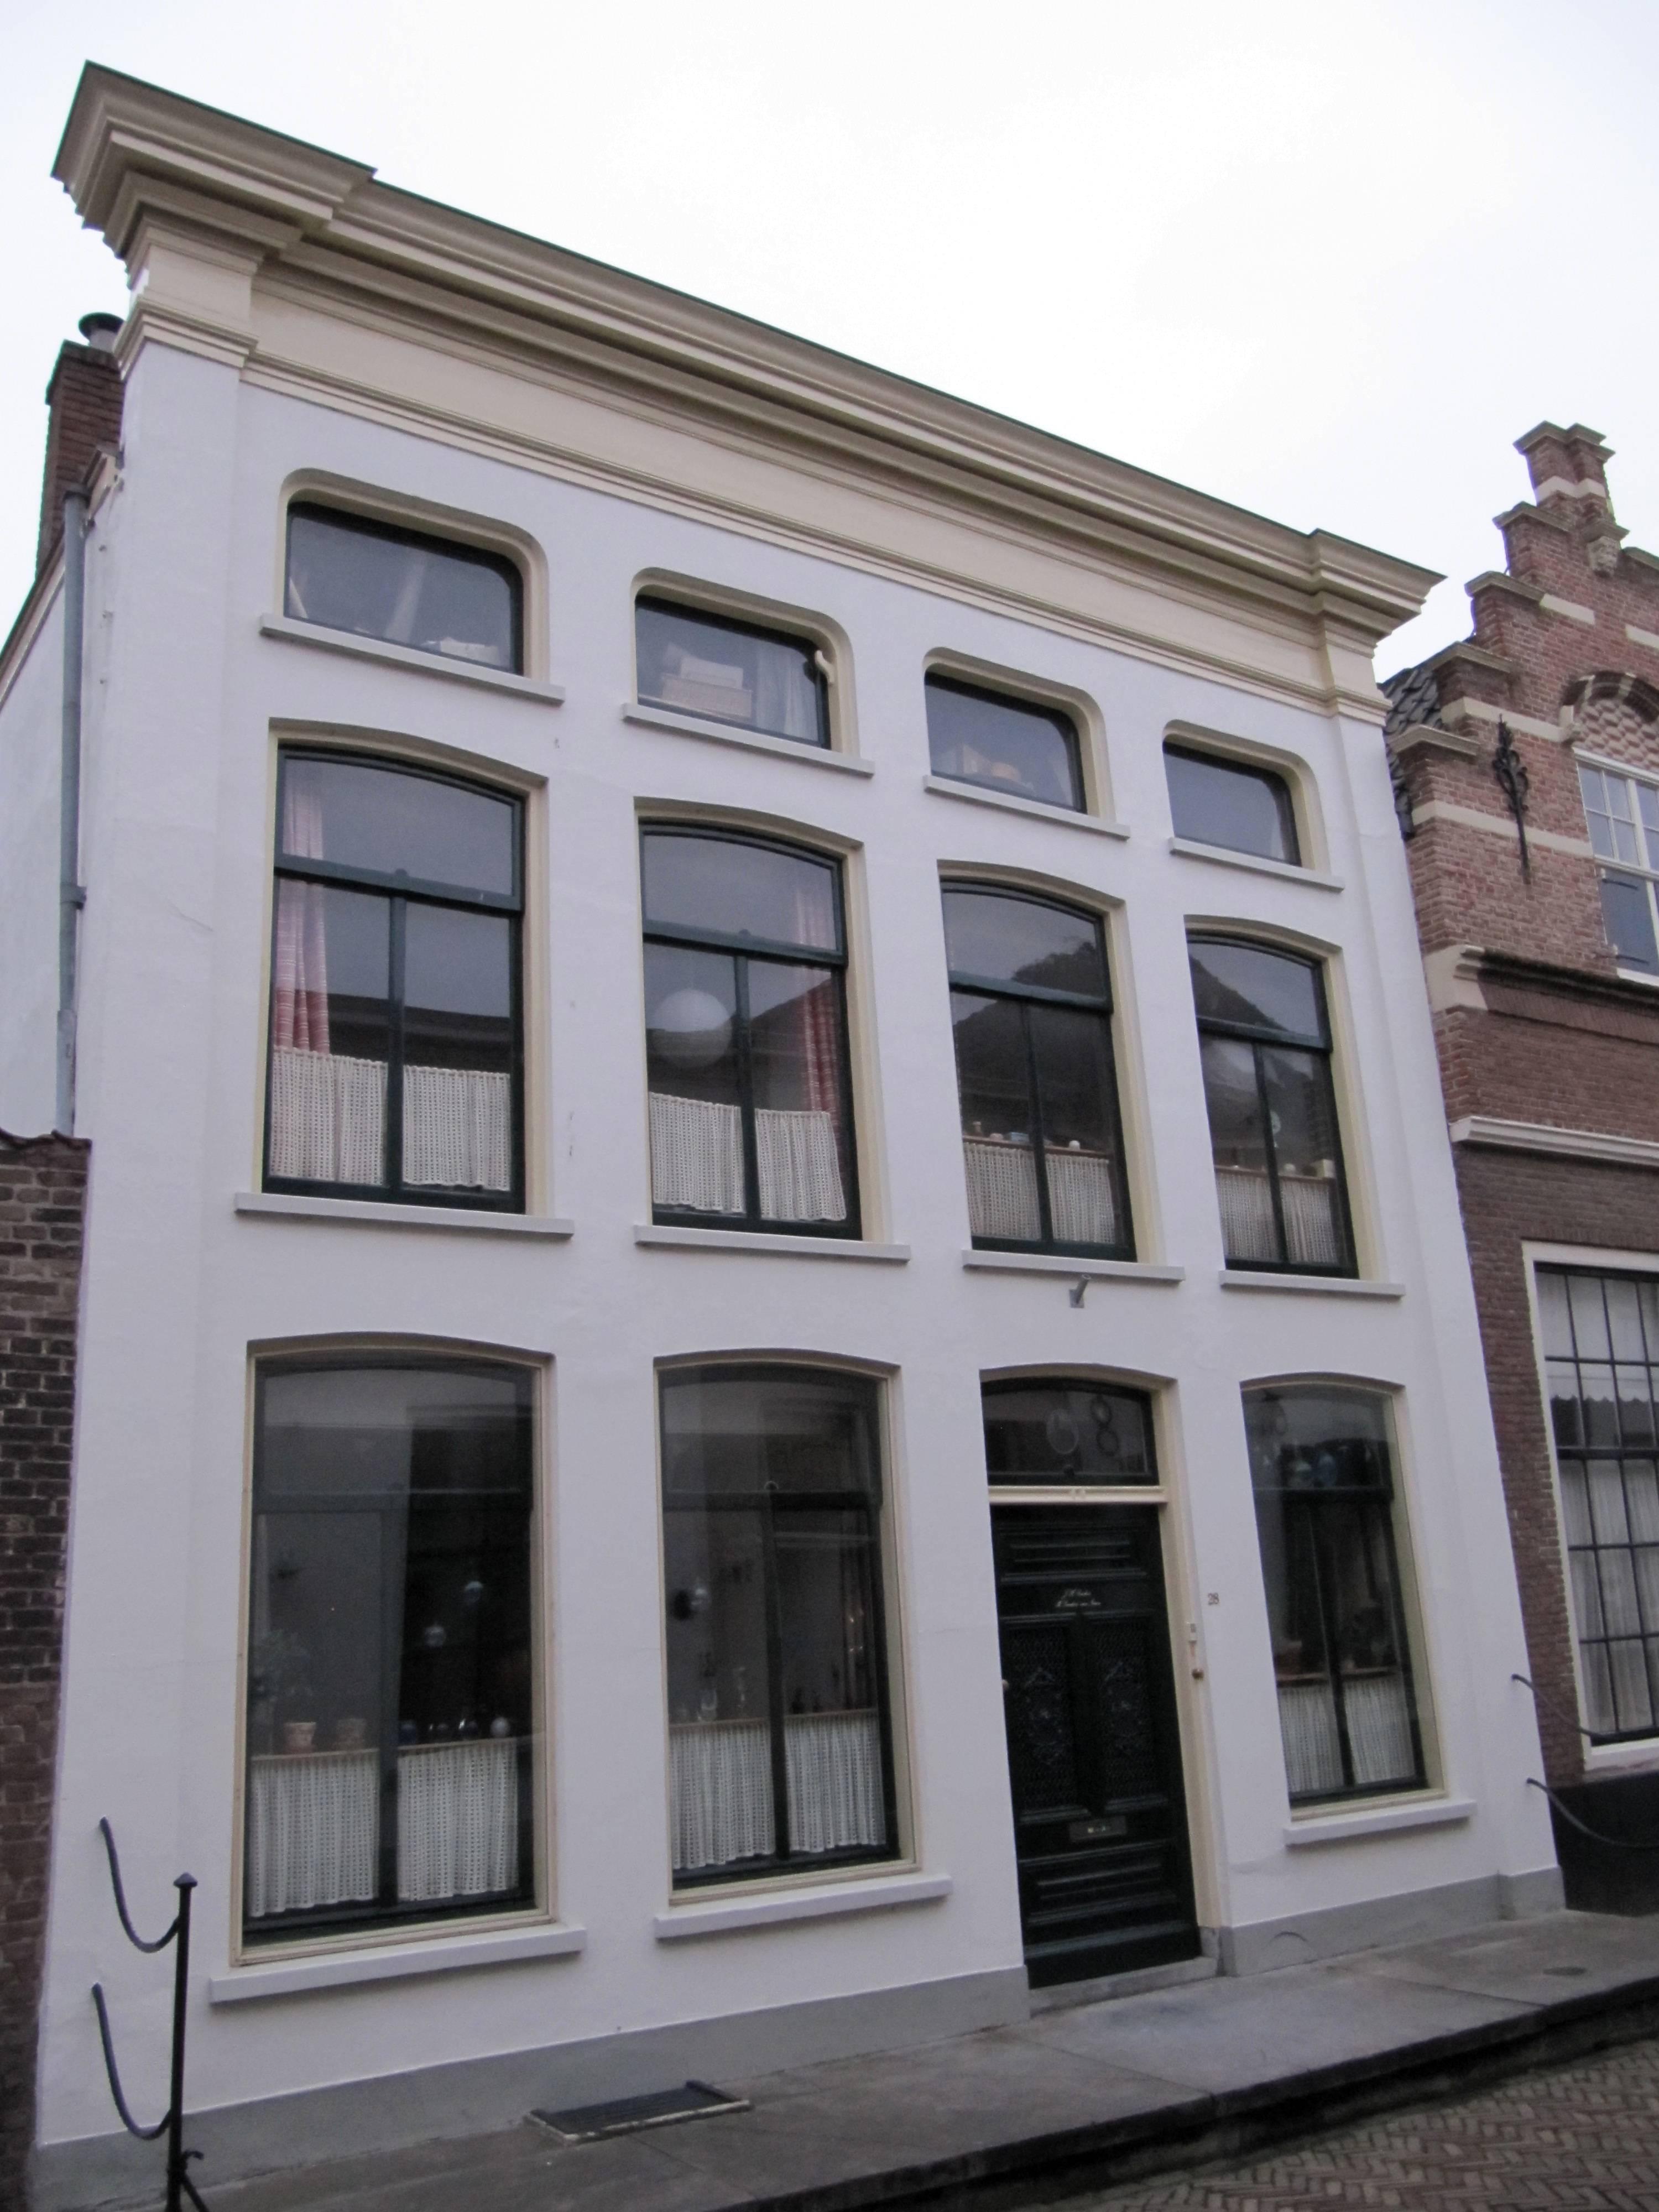 huizen uit 19de eeuw